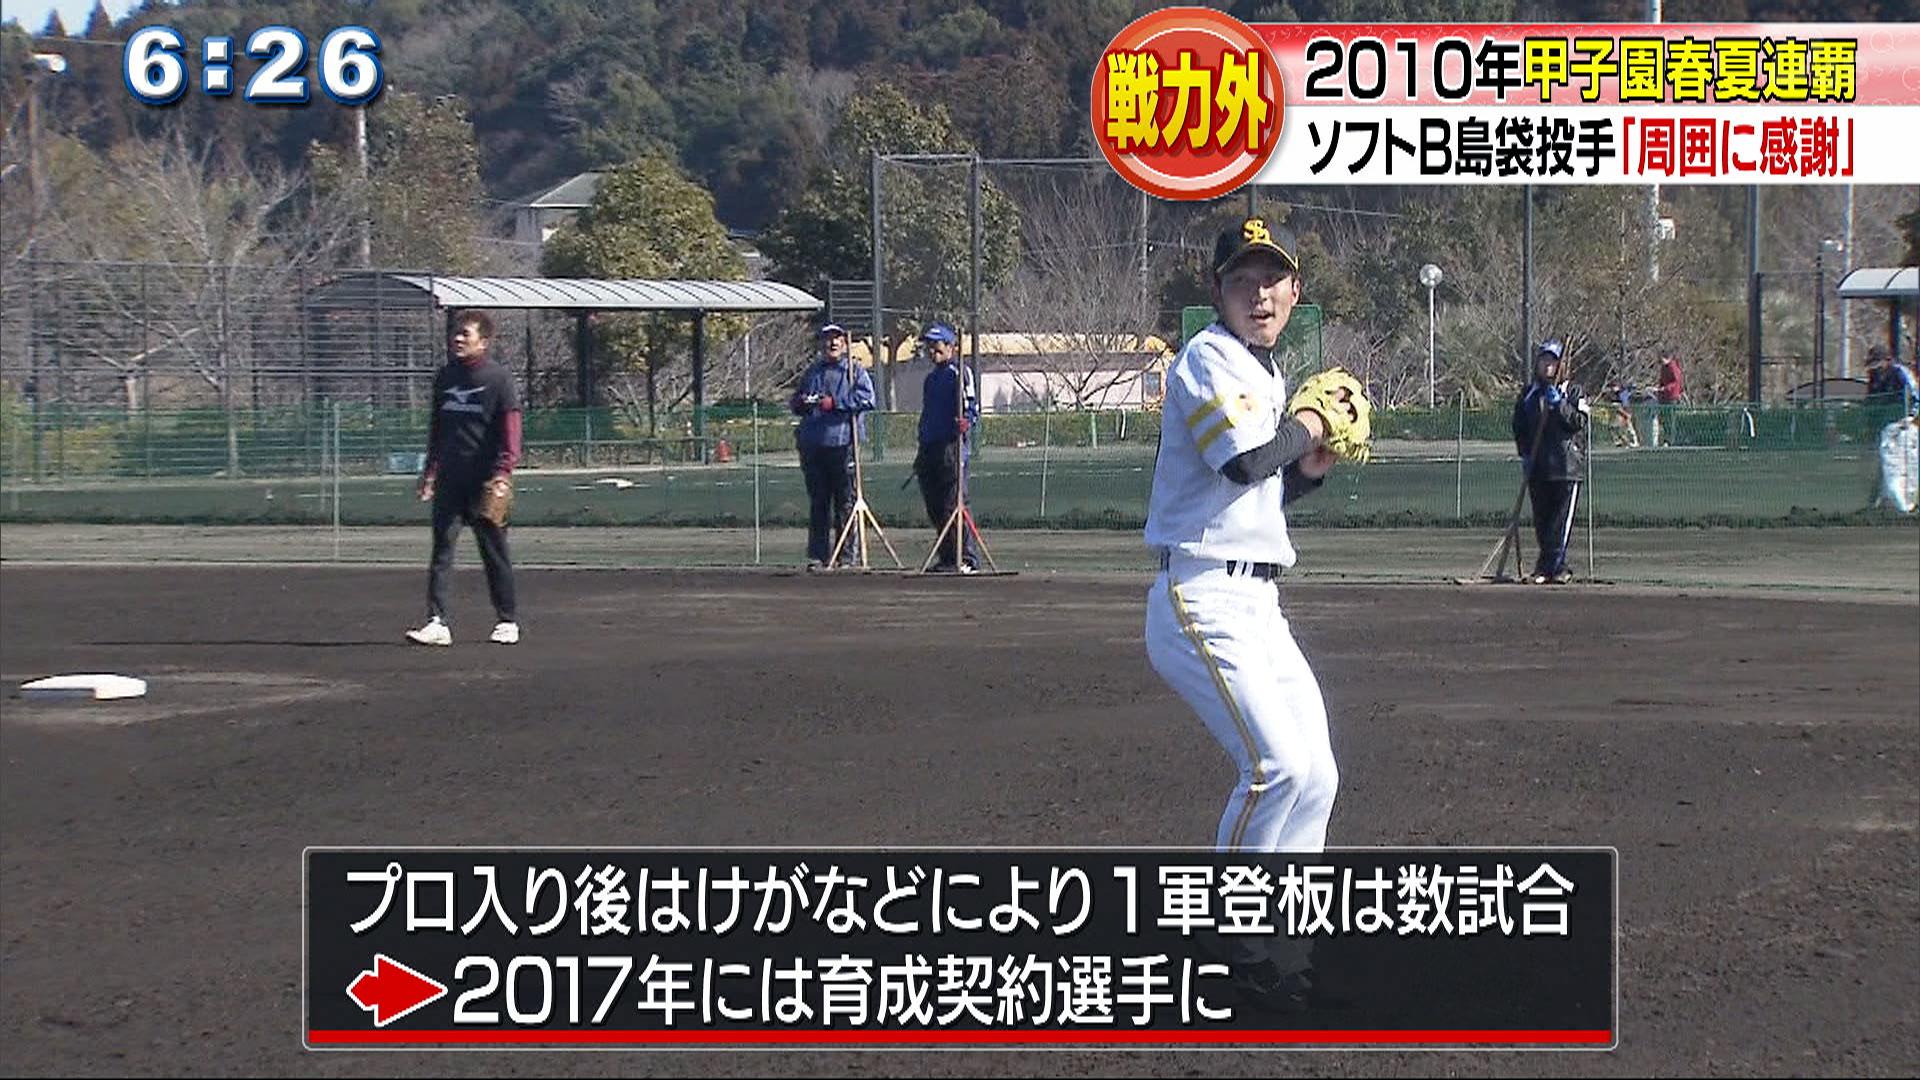 甲子園春夏連覇のエース島袋選手が戦力外通告